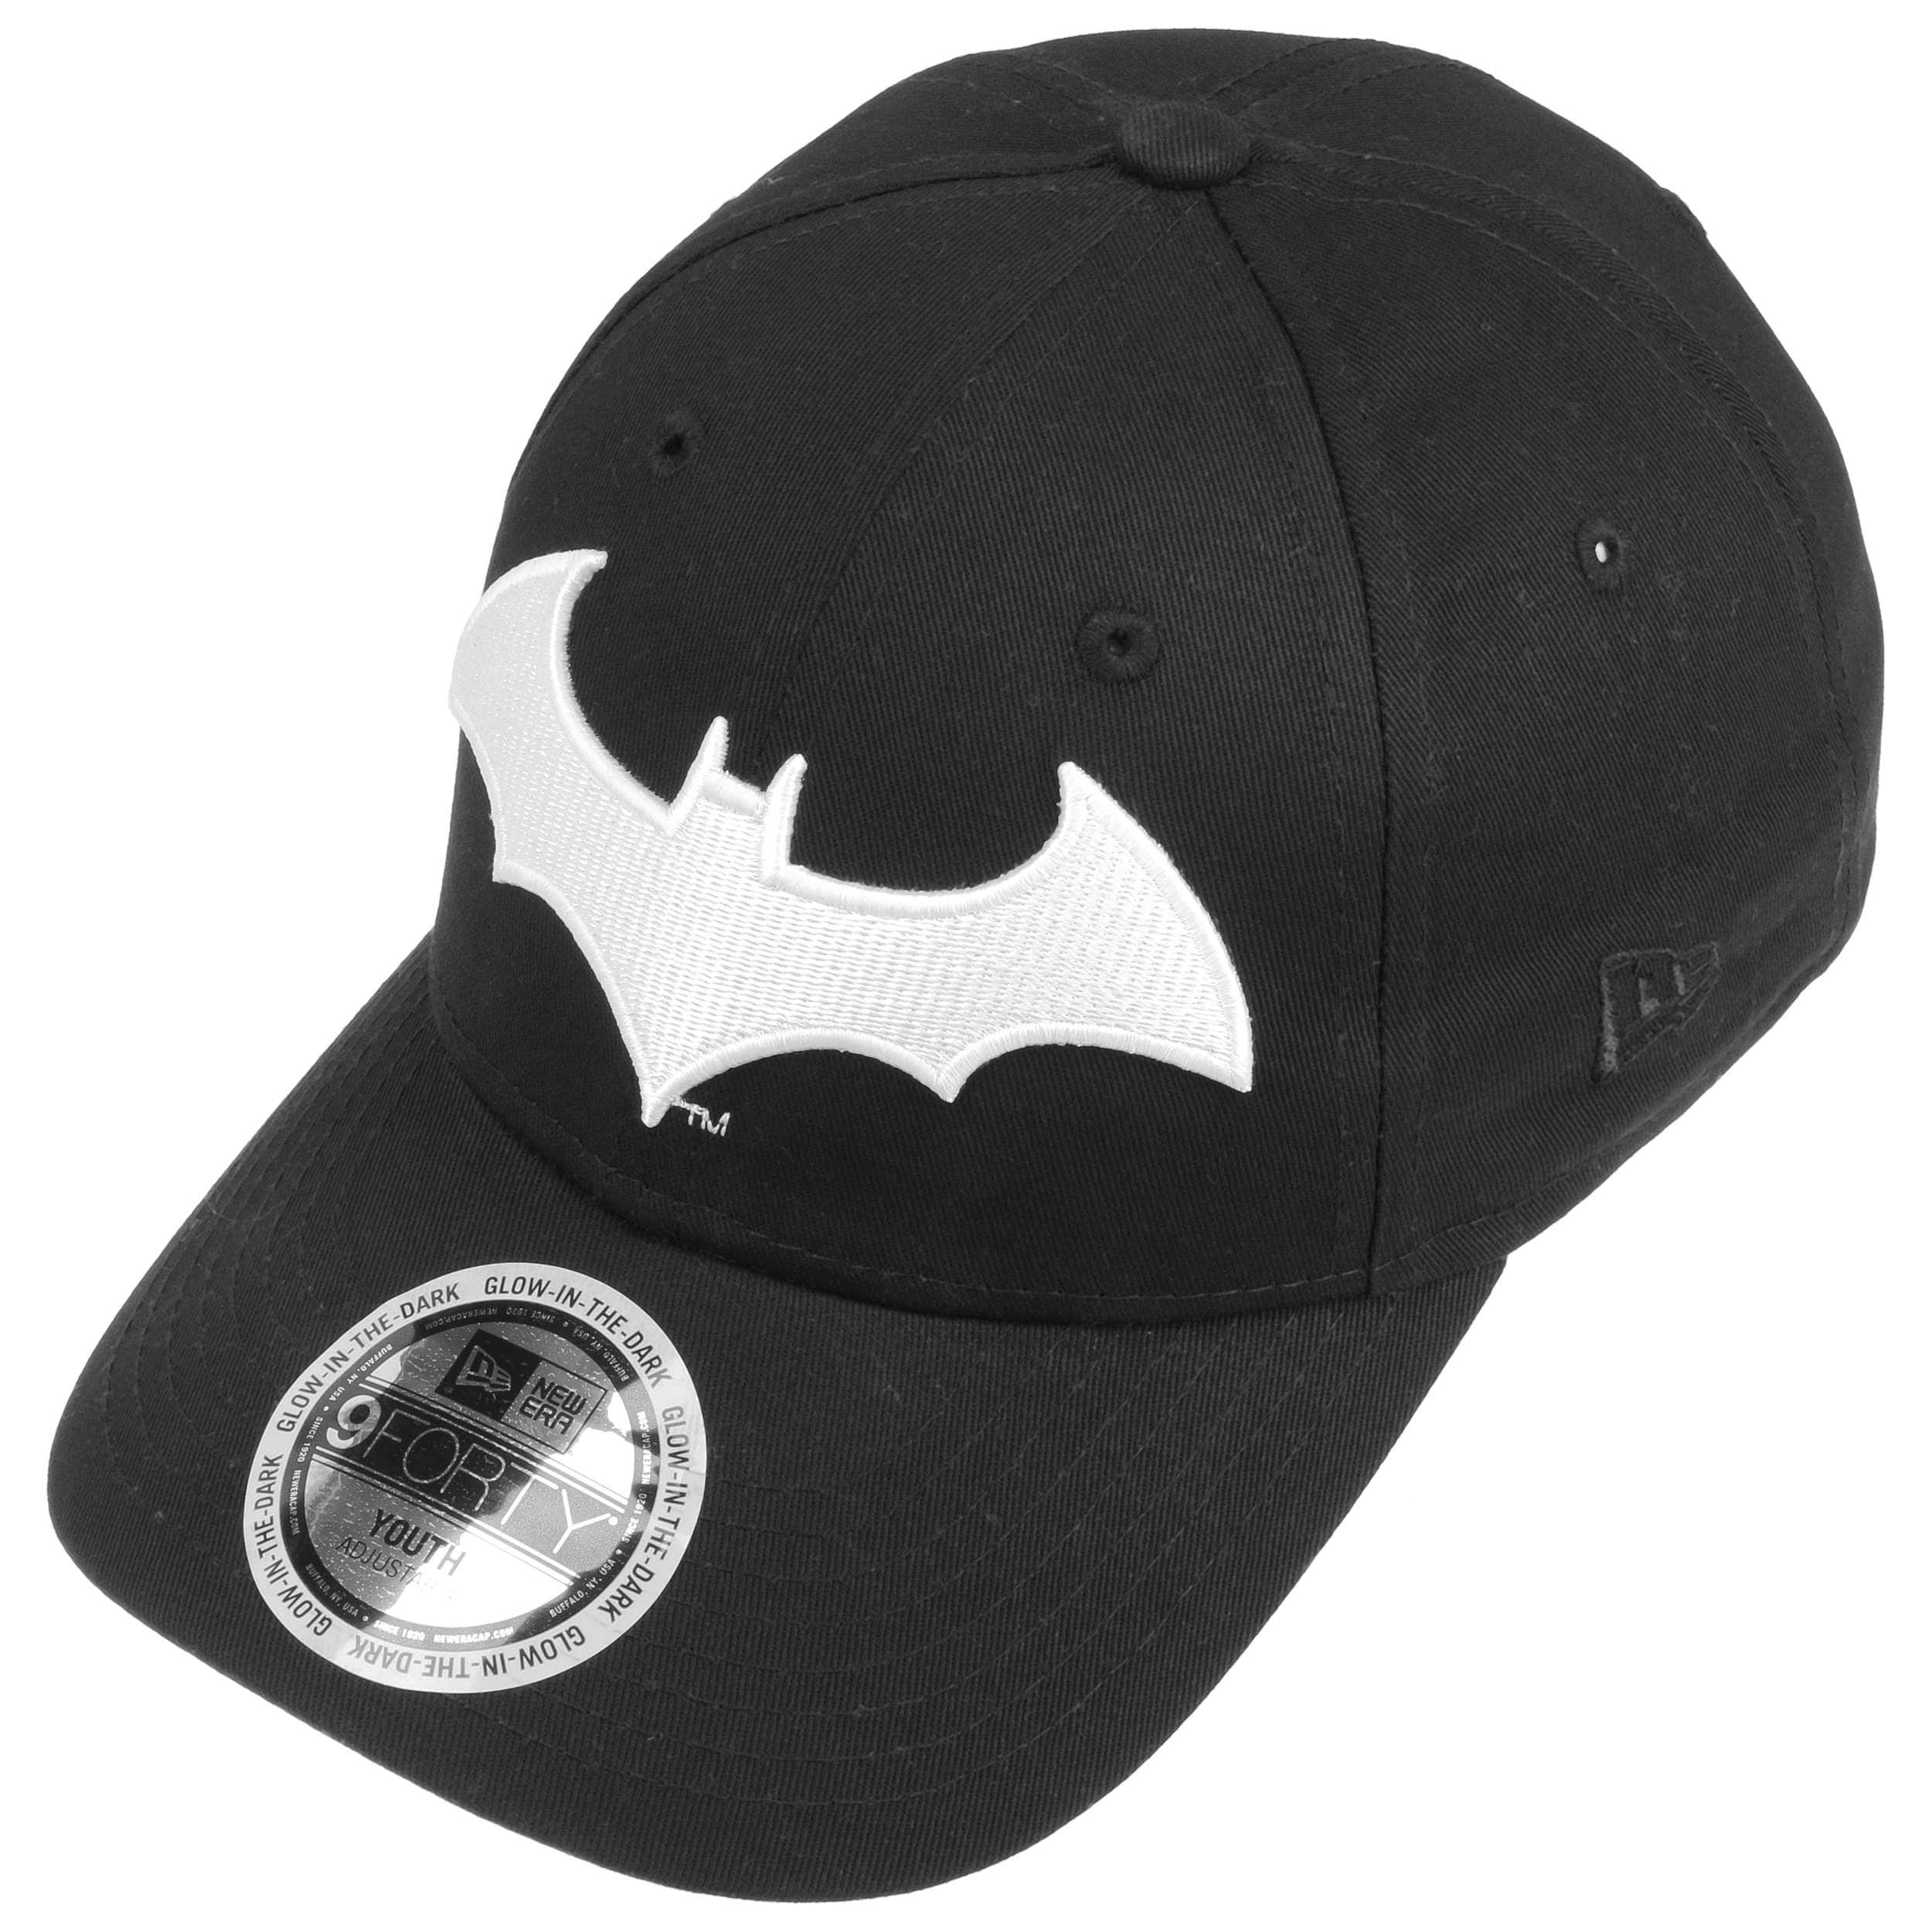 dc7e79a6766 9Forty Junior GITD Batman Cap by New Era - black 1 ...